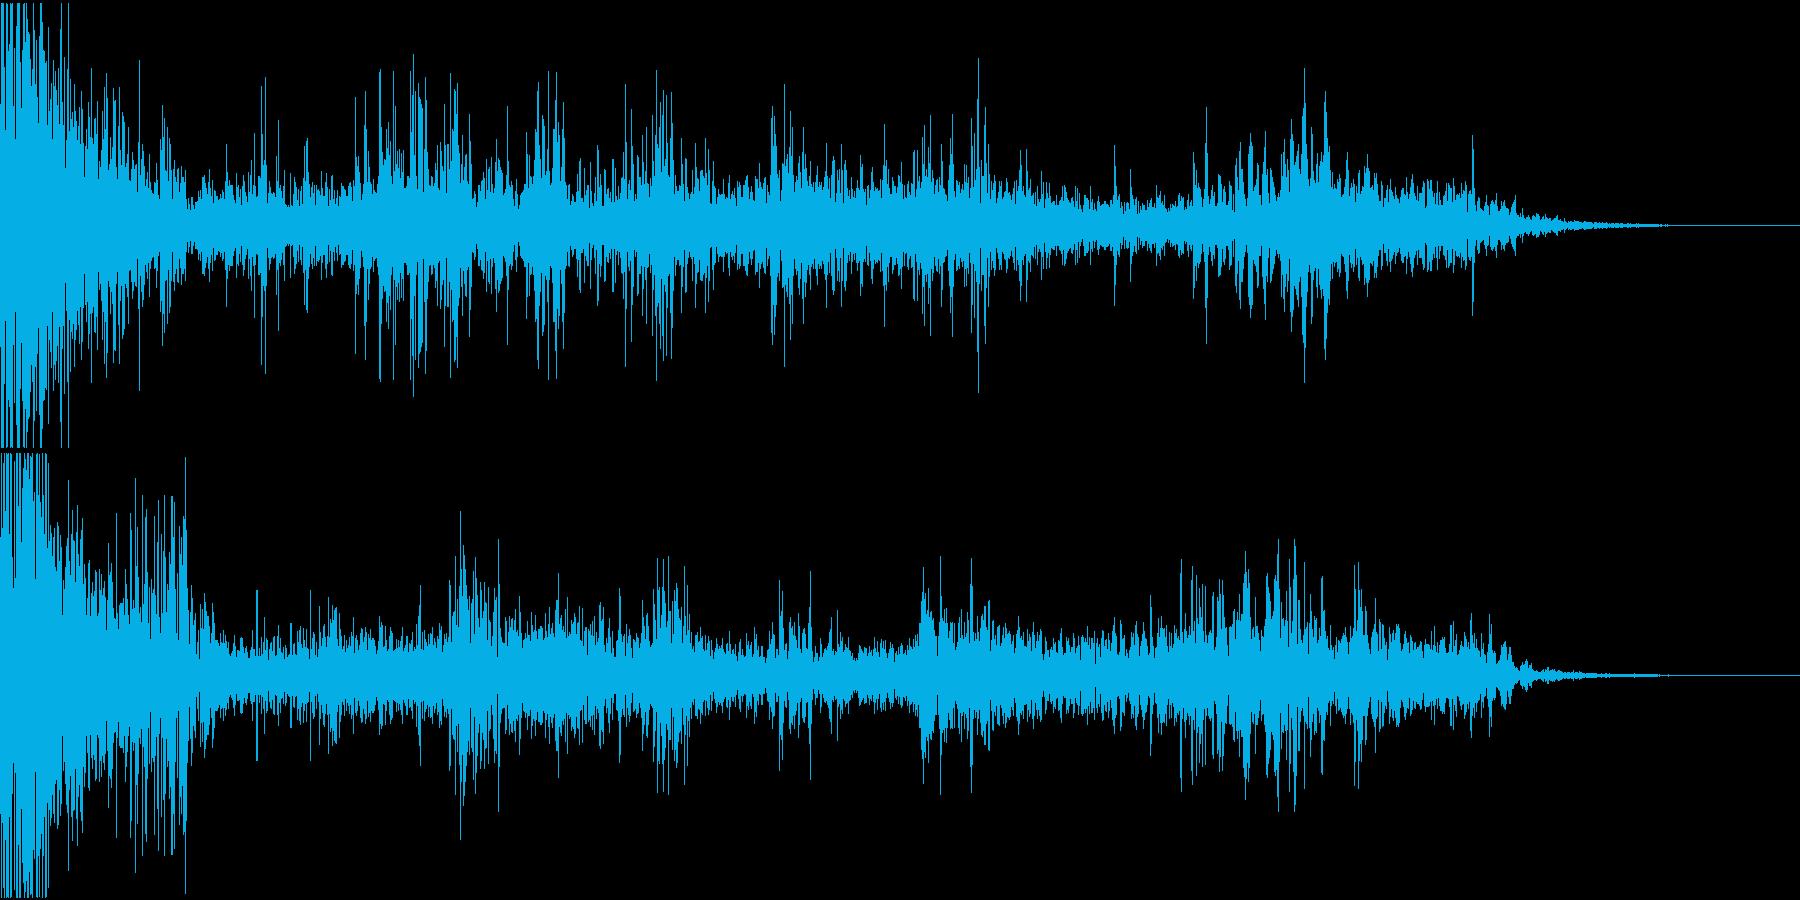 ドカーンゴロゴロ(雷、嵐、台風の環境音)の再生済みの波形